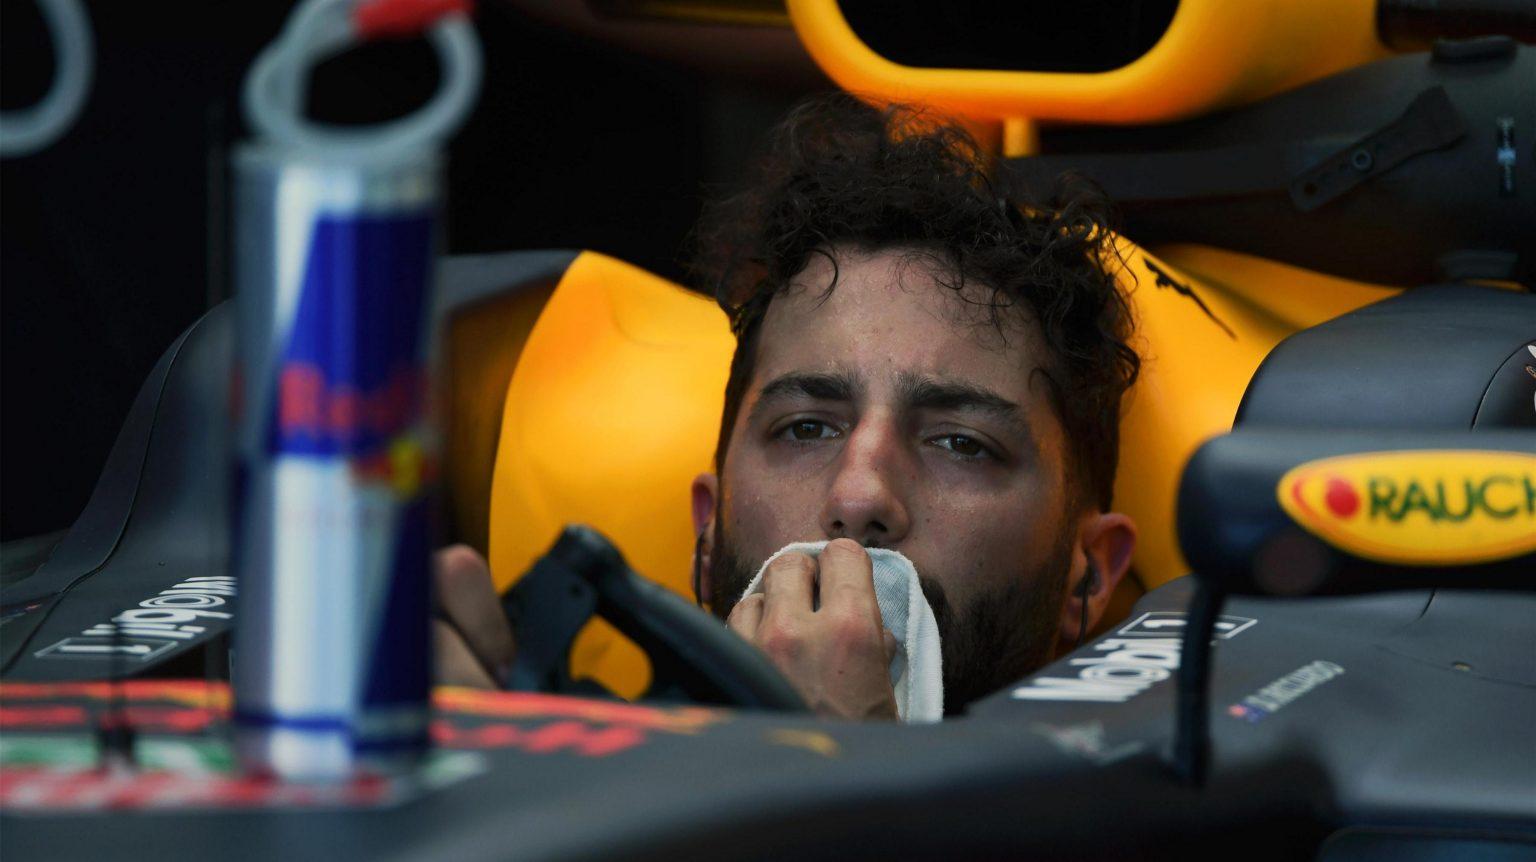 «Ред Булл» ликует, «Мерседес» и «Феррари» озадачены. О чем готовили пилоты Формулы 1 в пятницу